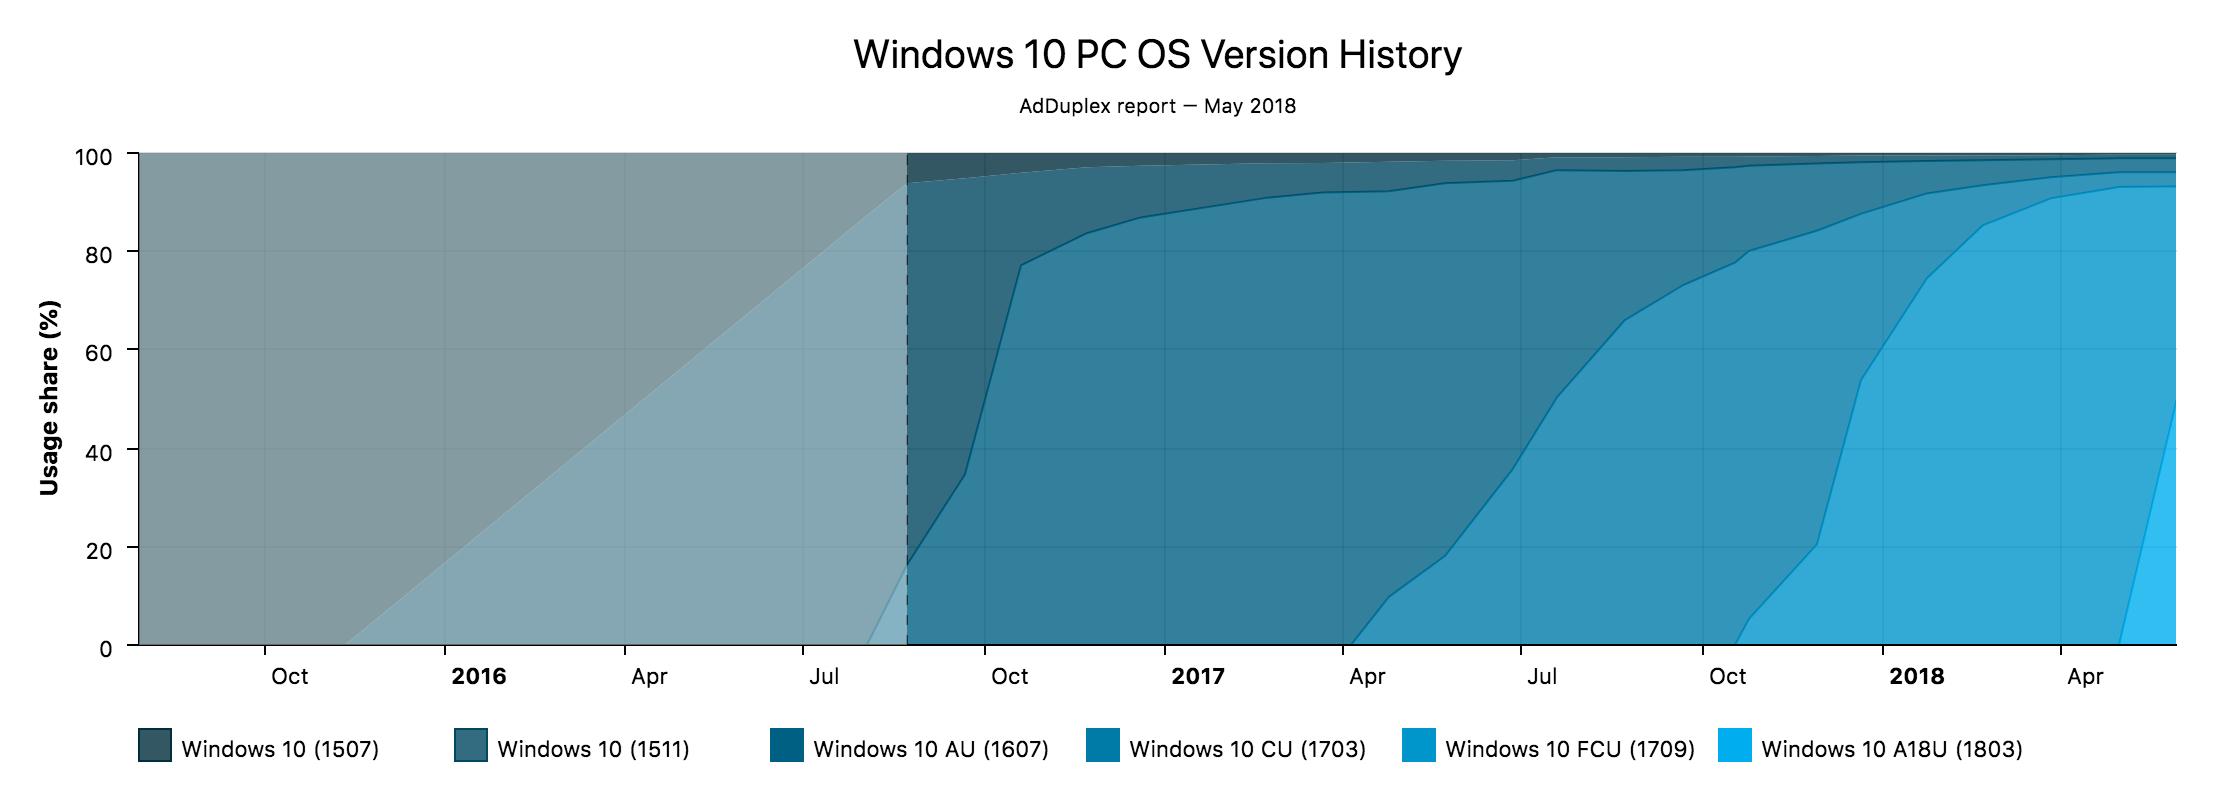 Windows 10 PC OS Version History 50% Windows 10 系统已升级至 April 2018 更新 Windows 10